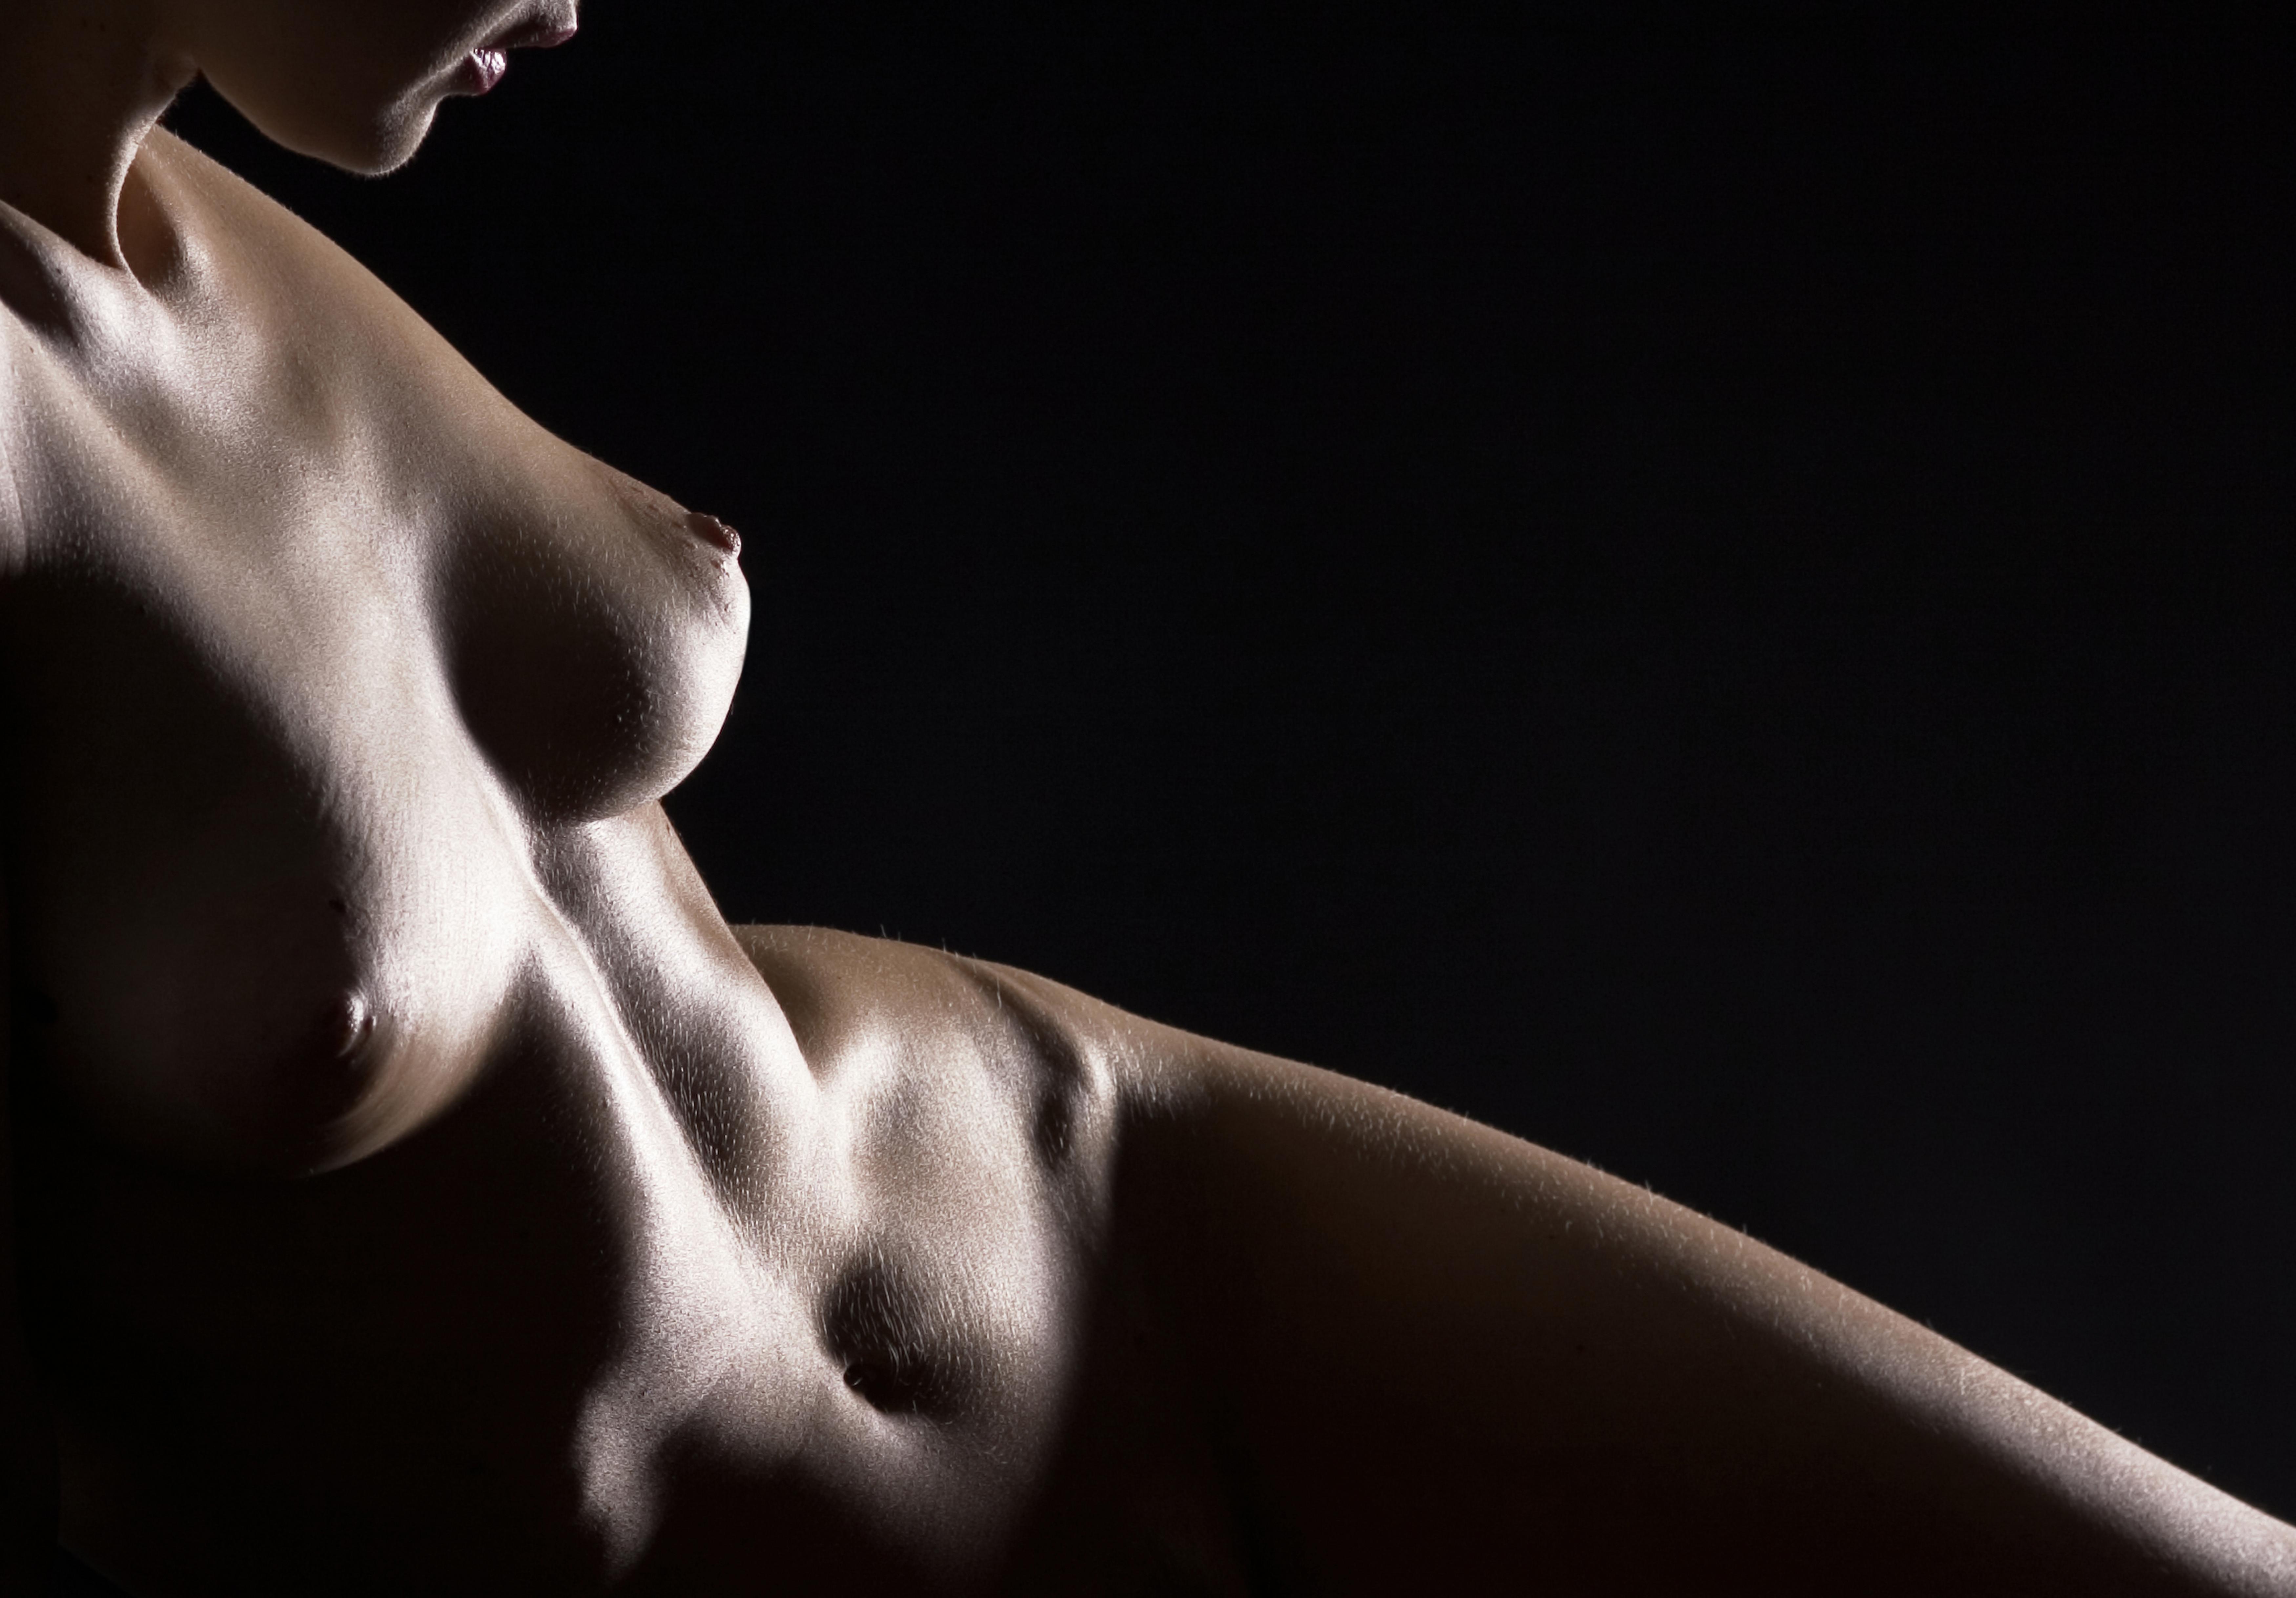 Эротическое тело девушки